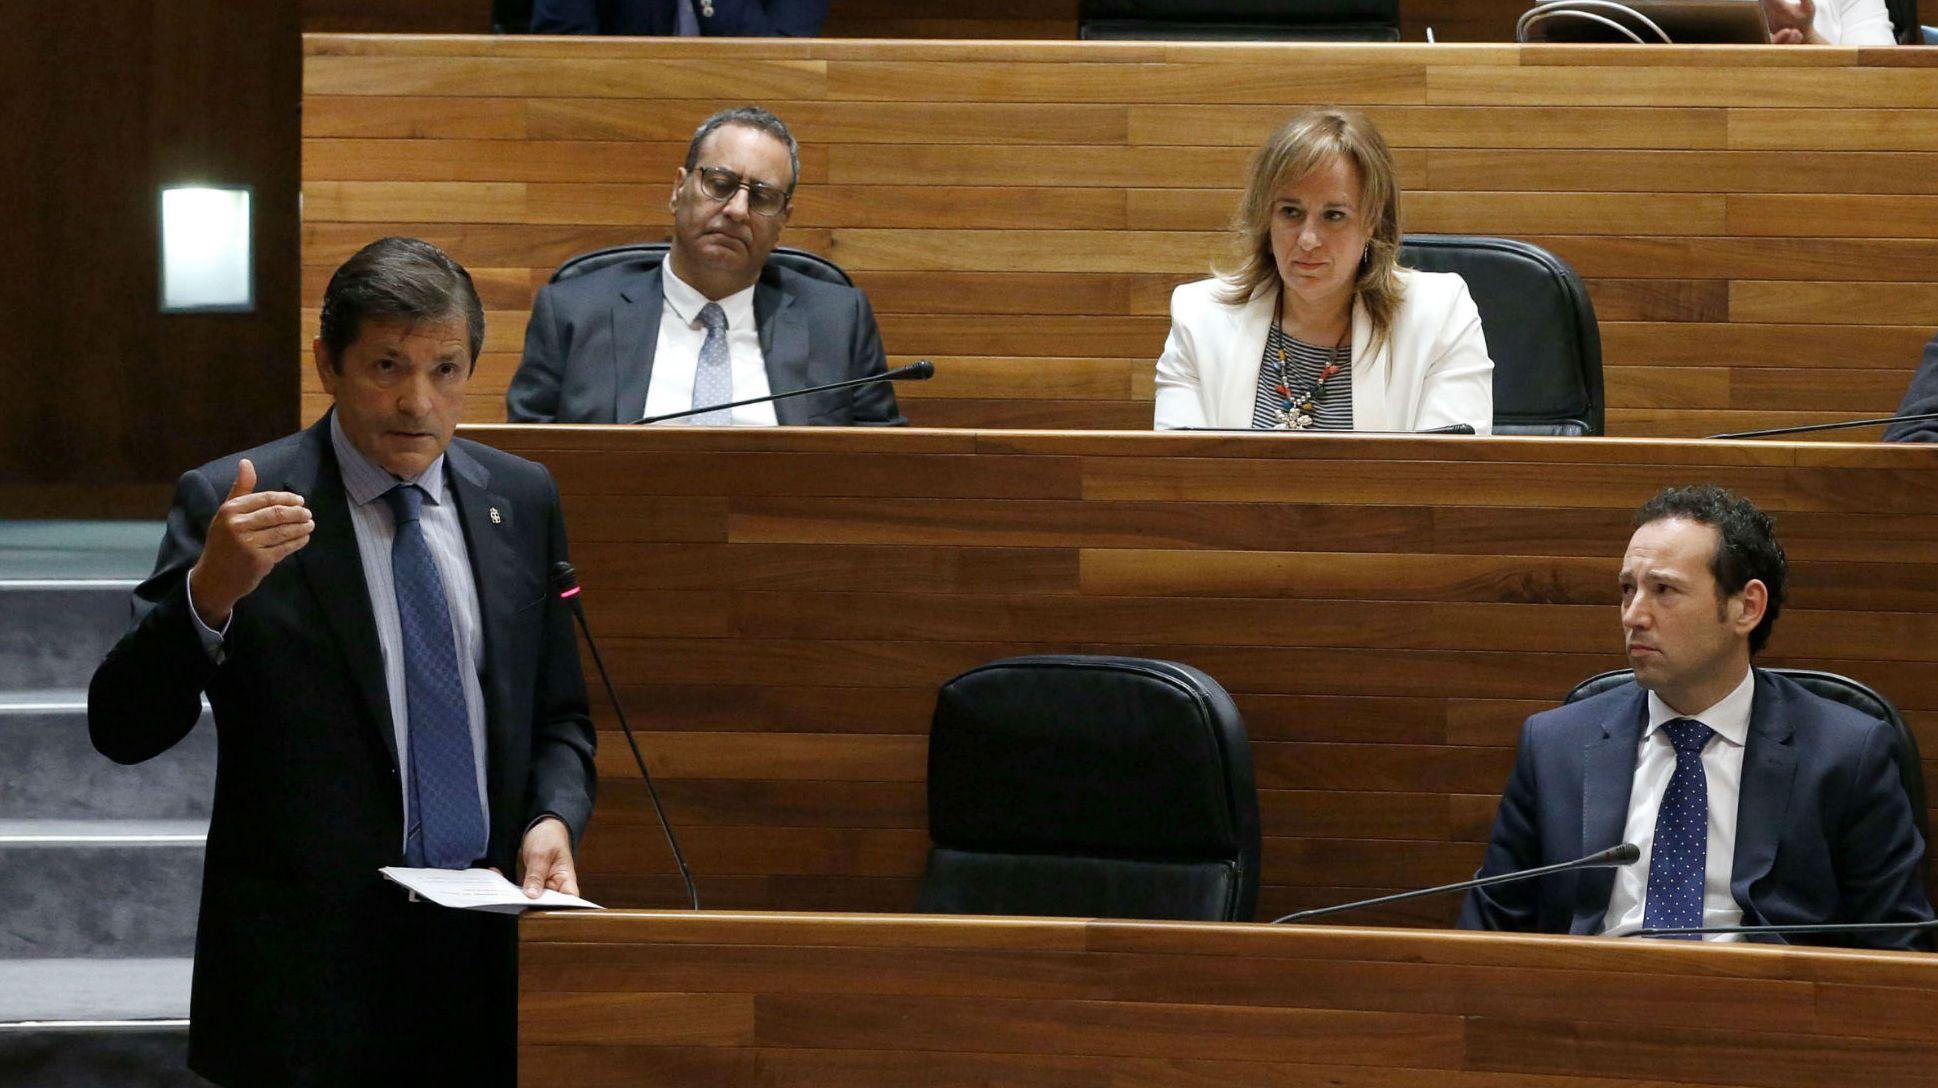 La presidenta del PP, Mercedes Fernández, durante su intervención en el pleno de la Junta General, con David González Medina, al fondo de la bancada